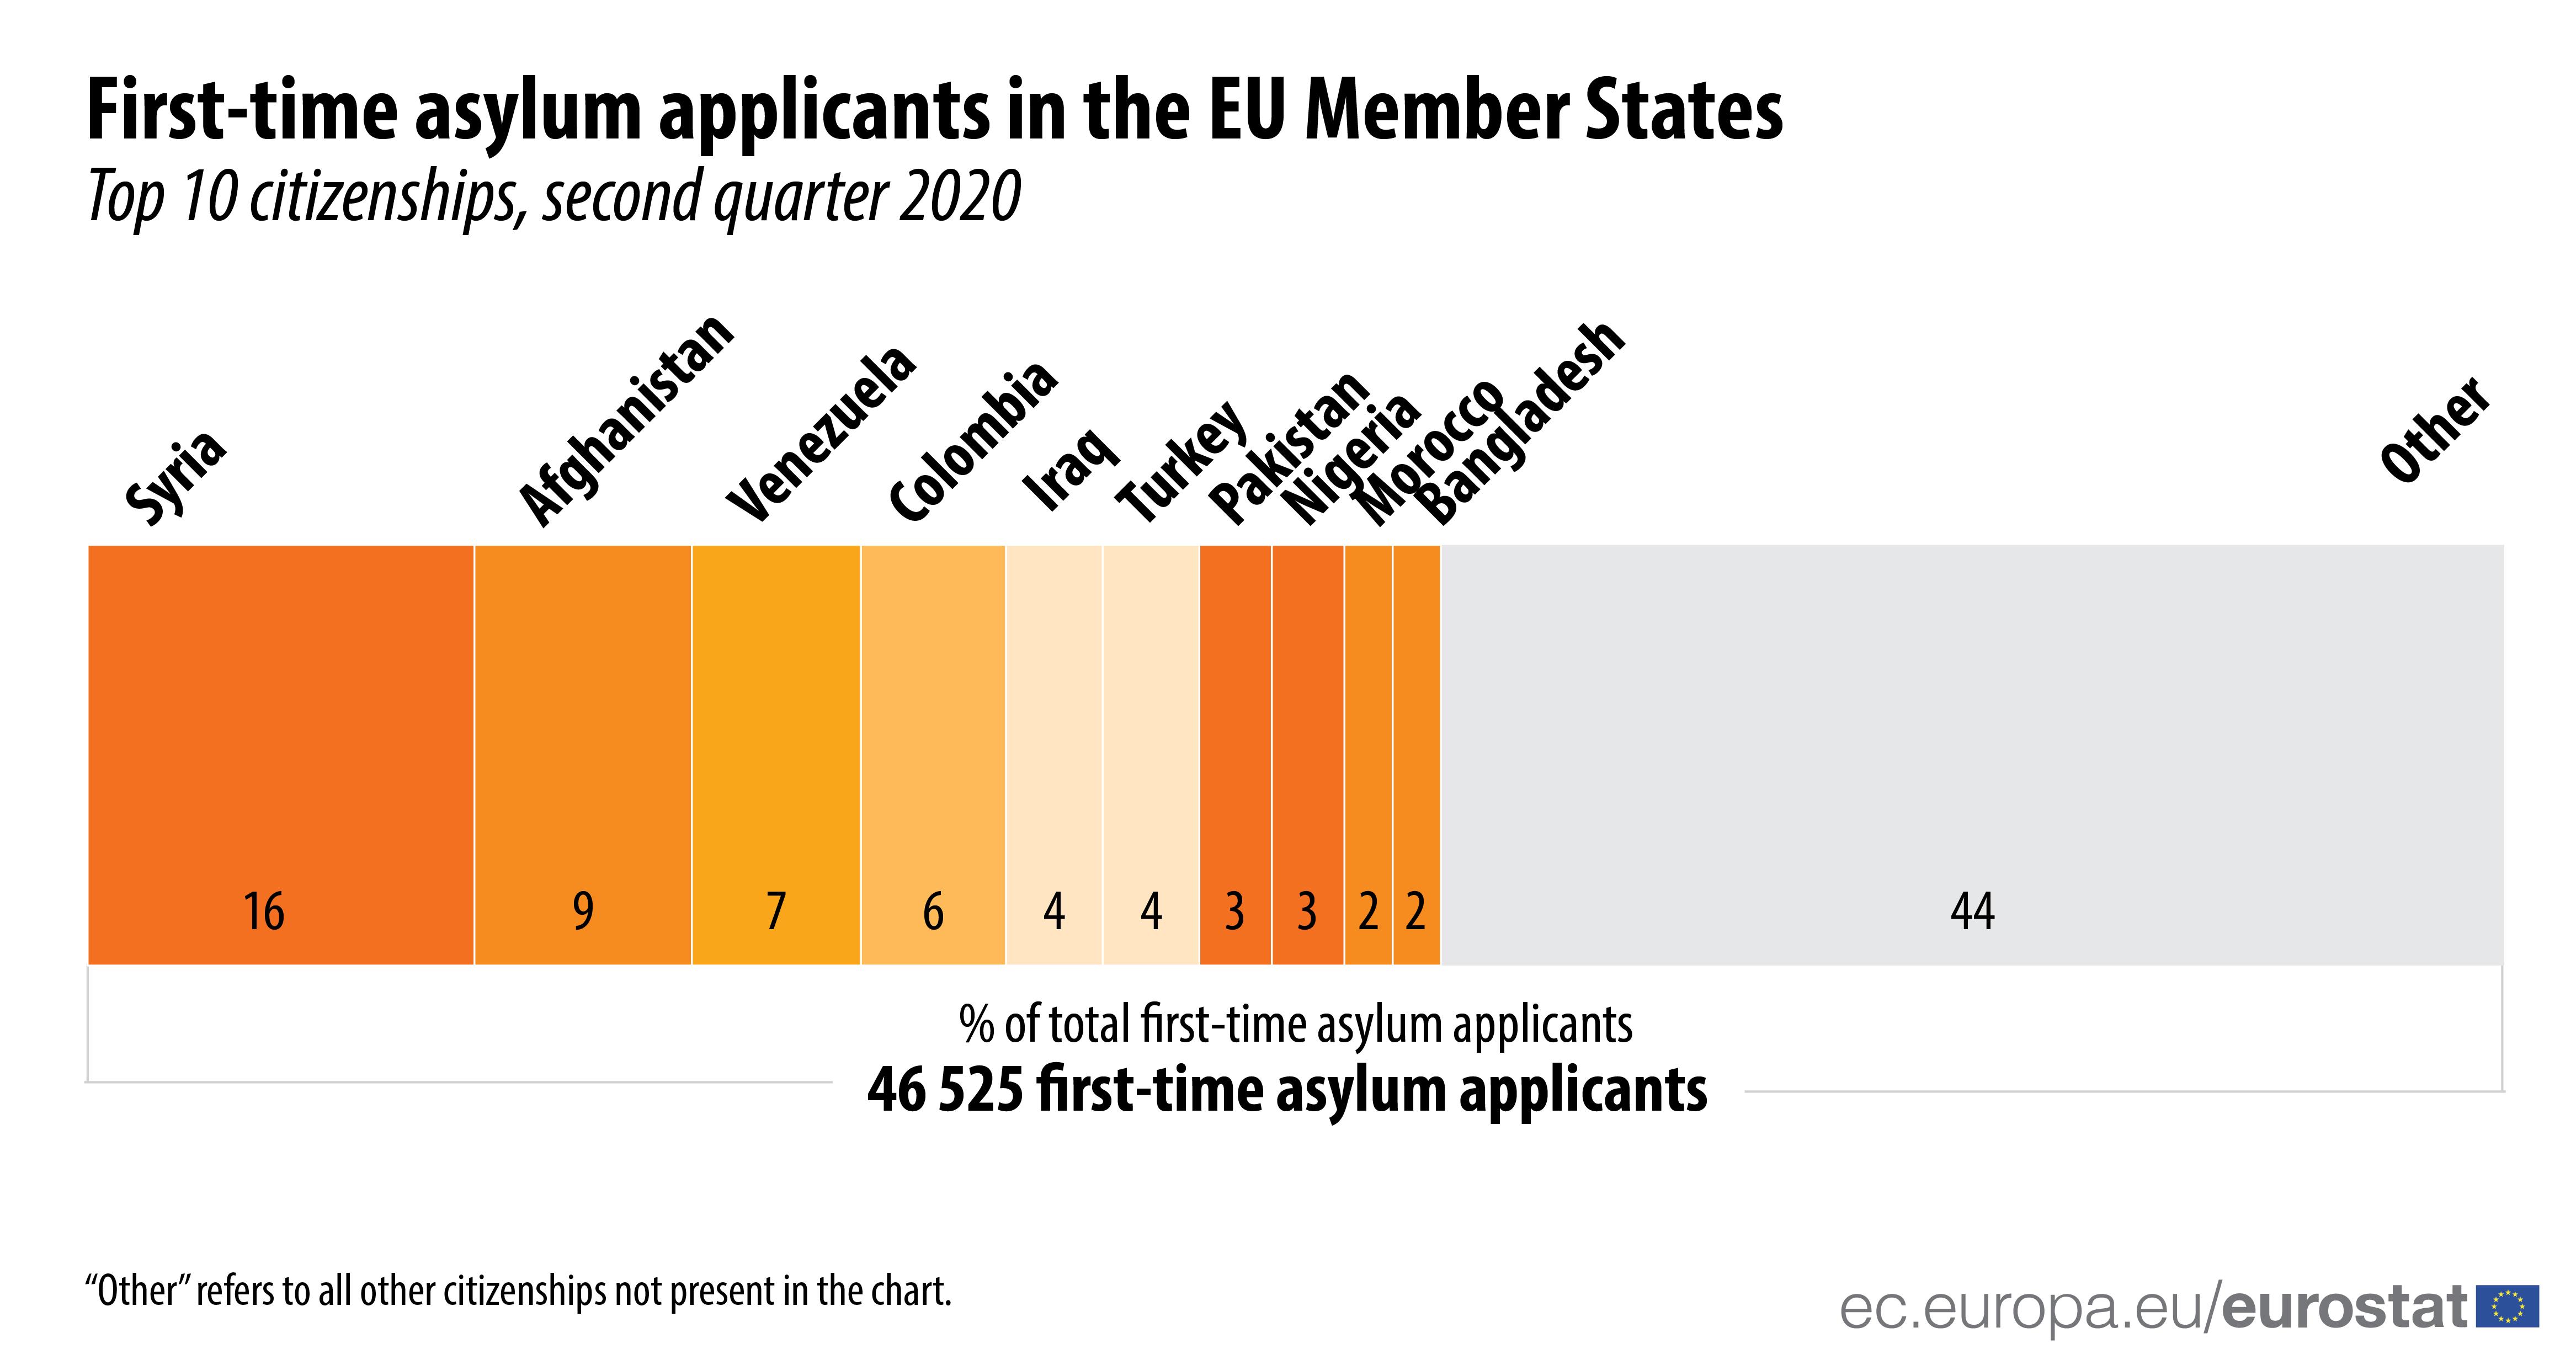 First-time asylum applicants, top citizenships, Q2 2020